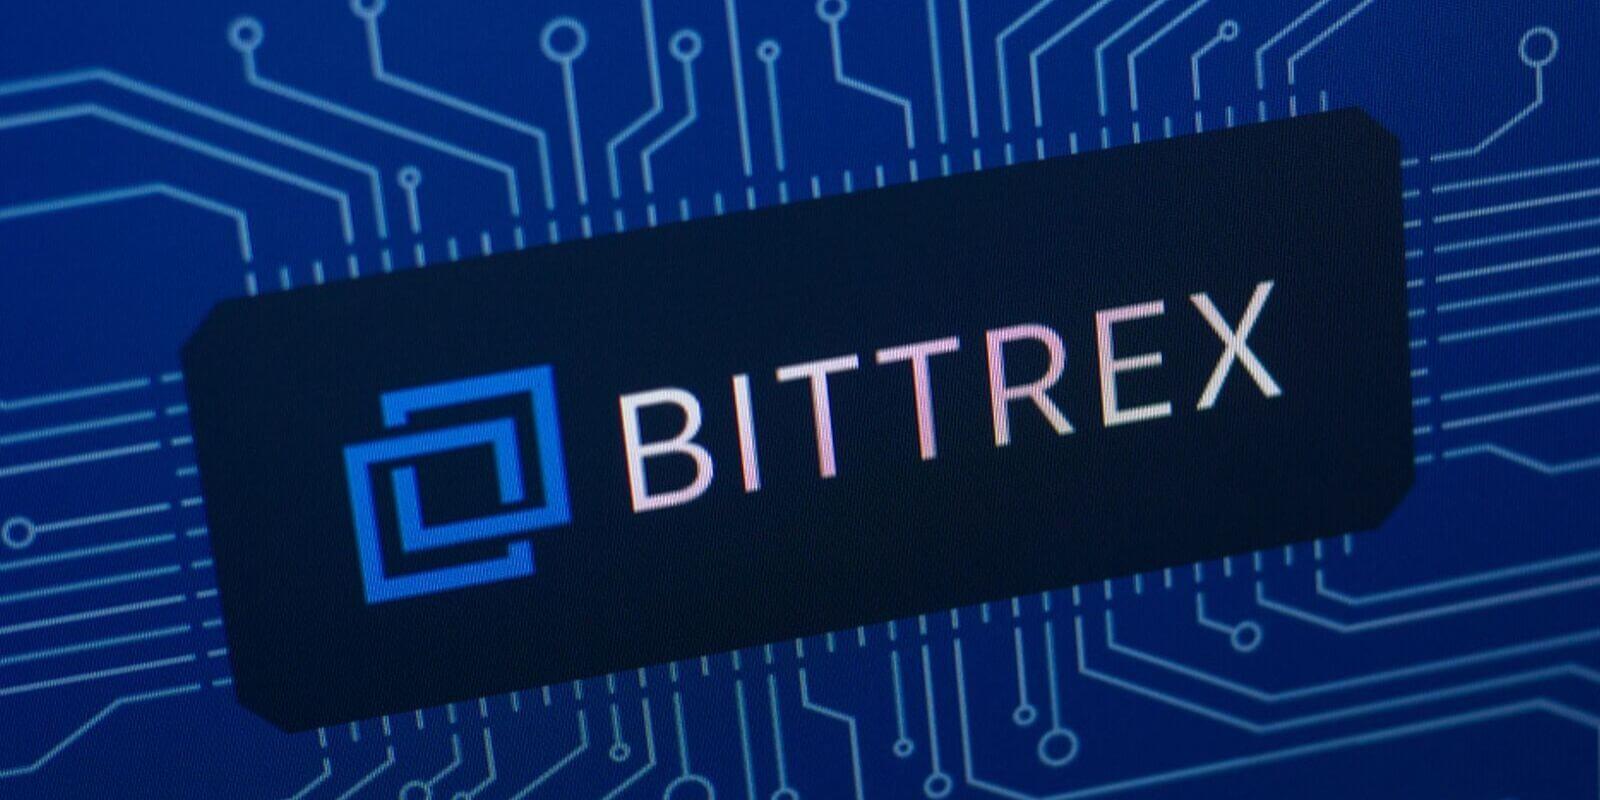 BitTrex adopte un outil de surveillance pour pister les transactions suspectes